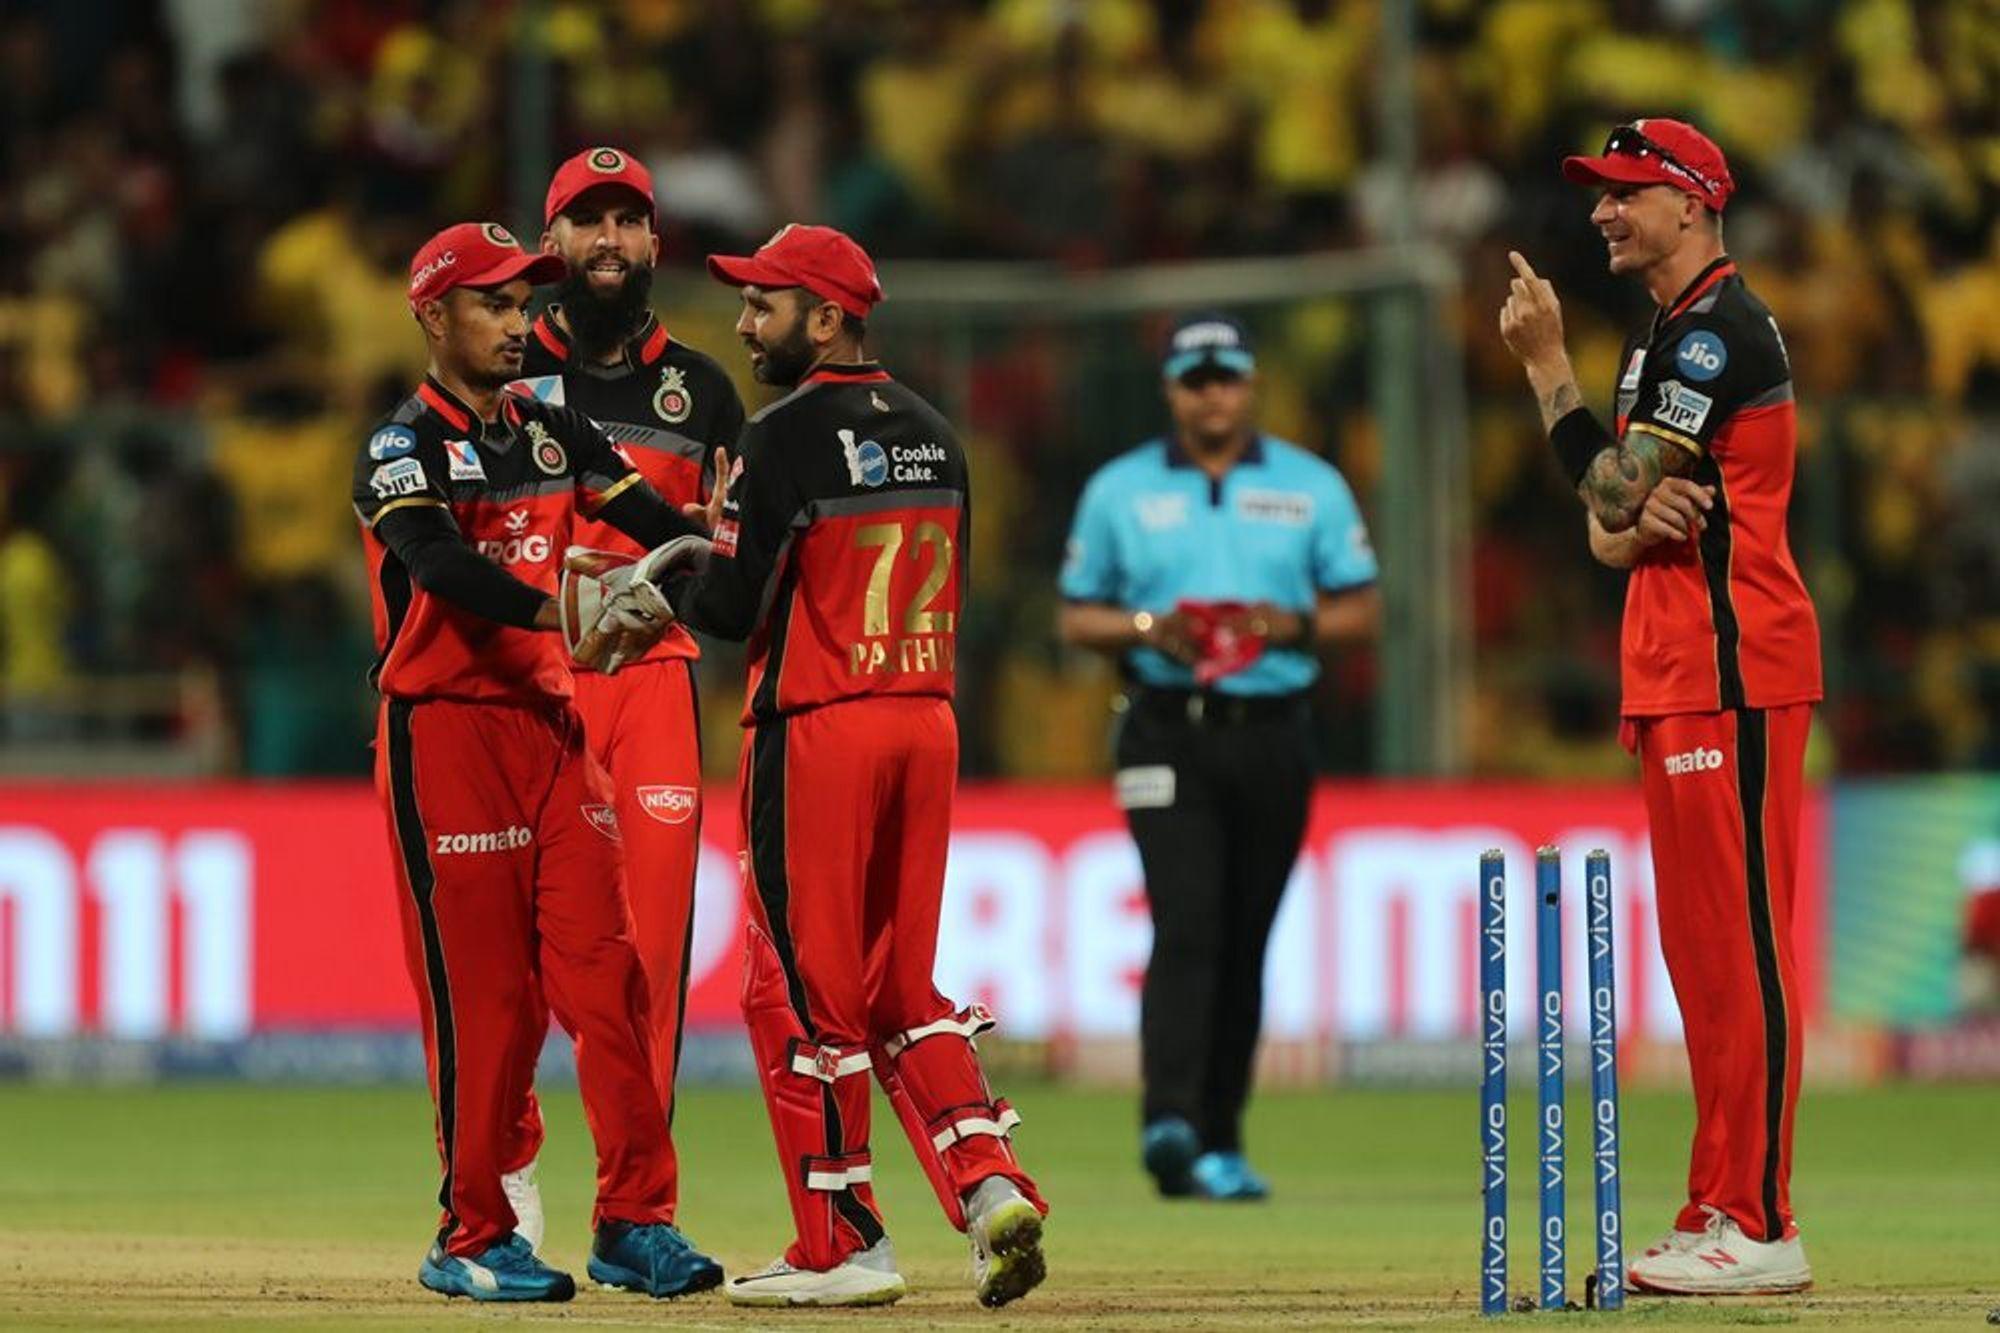 आईपीएल 2019: पार्थिव पटेल की बदौलत रोमांचक मैच में जीता बैंगलोर तो मोहम्मद सिराज ने किया कुछ ऐसा जीत लिया दिल 12